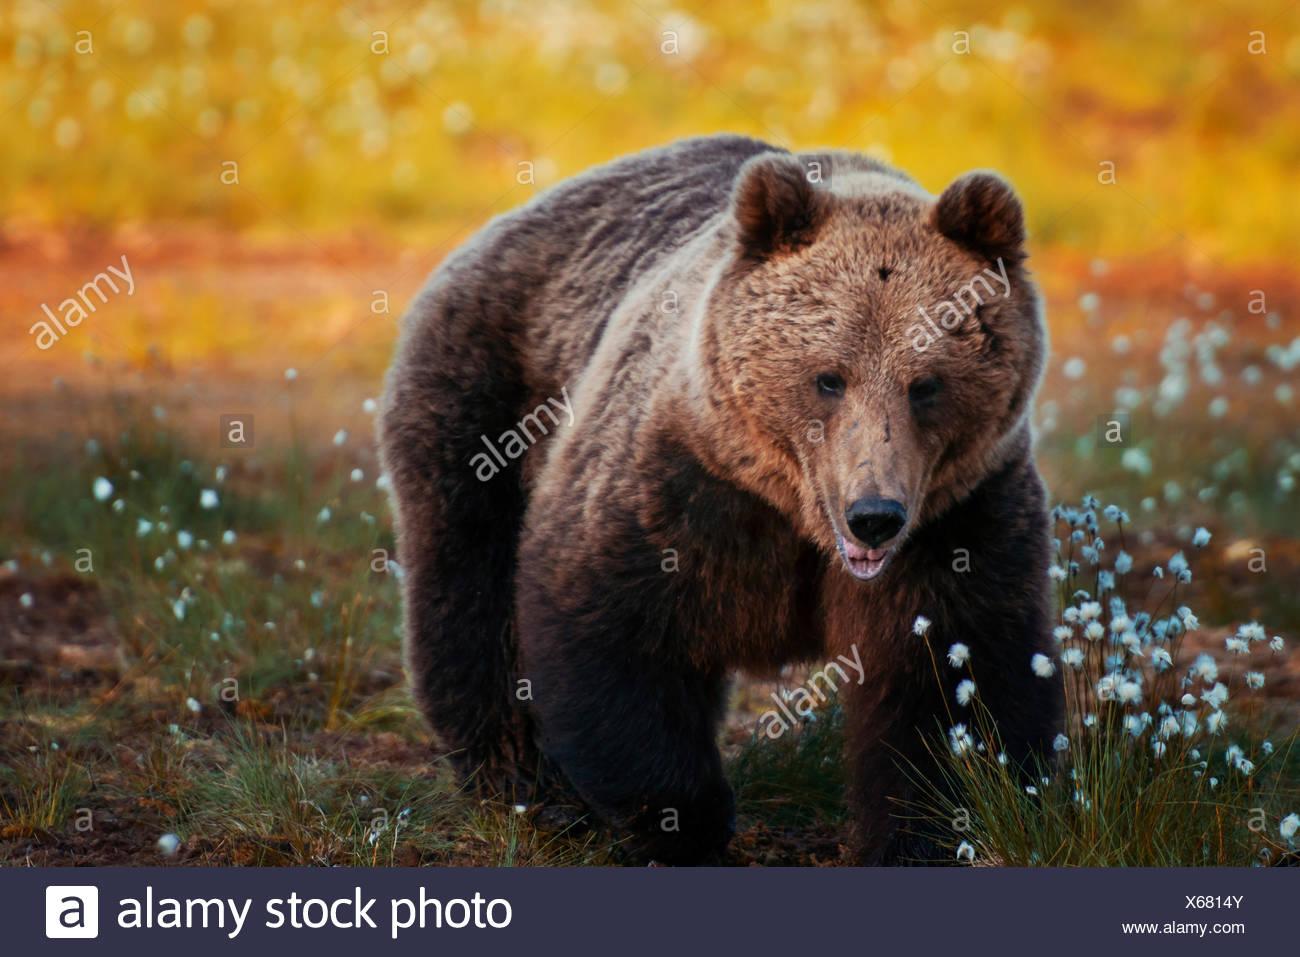 Braunbär im Wald, Finnland Stockfoto